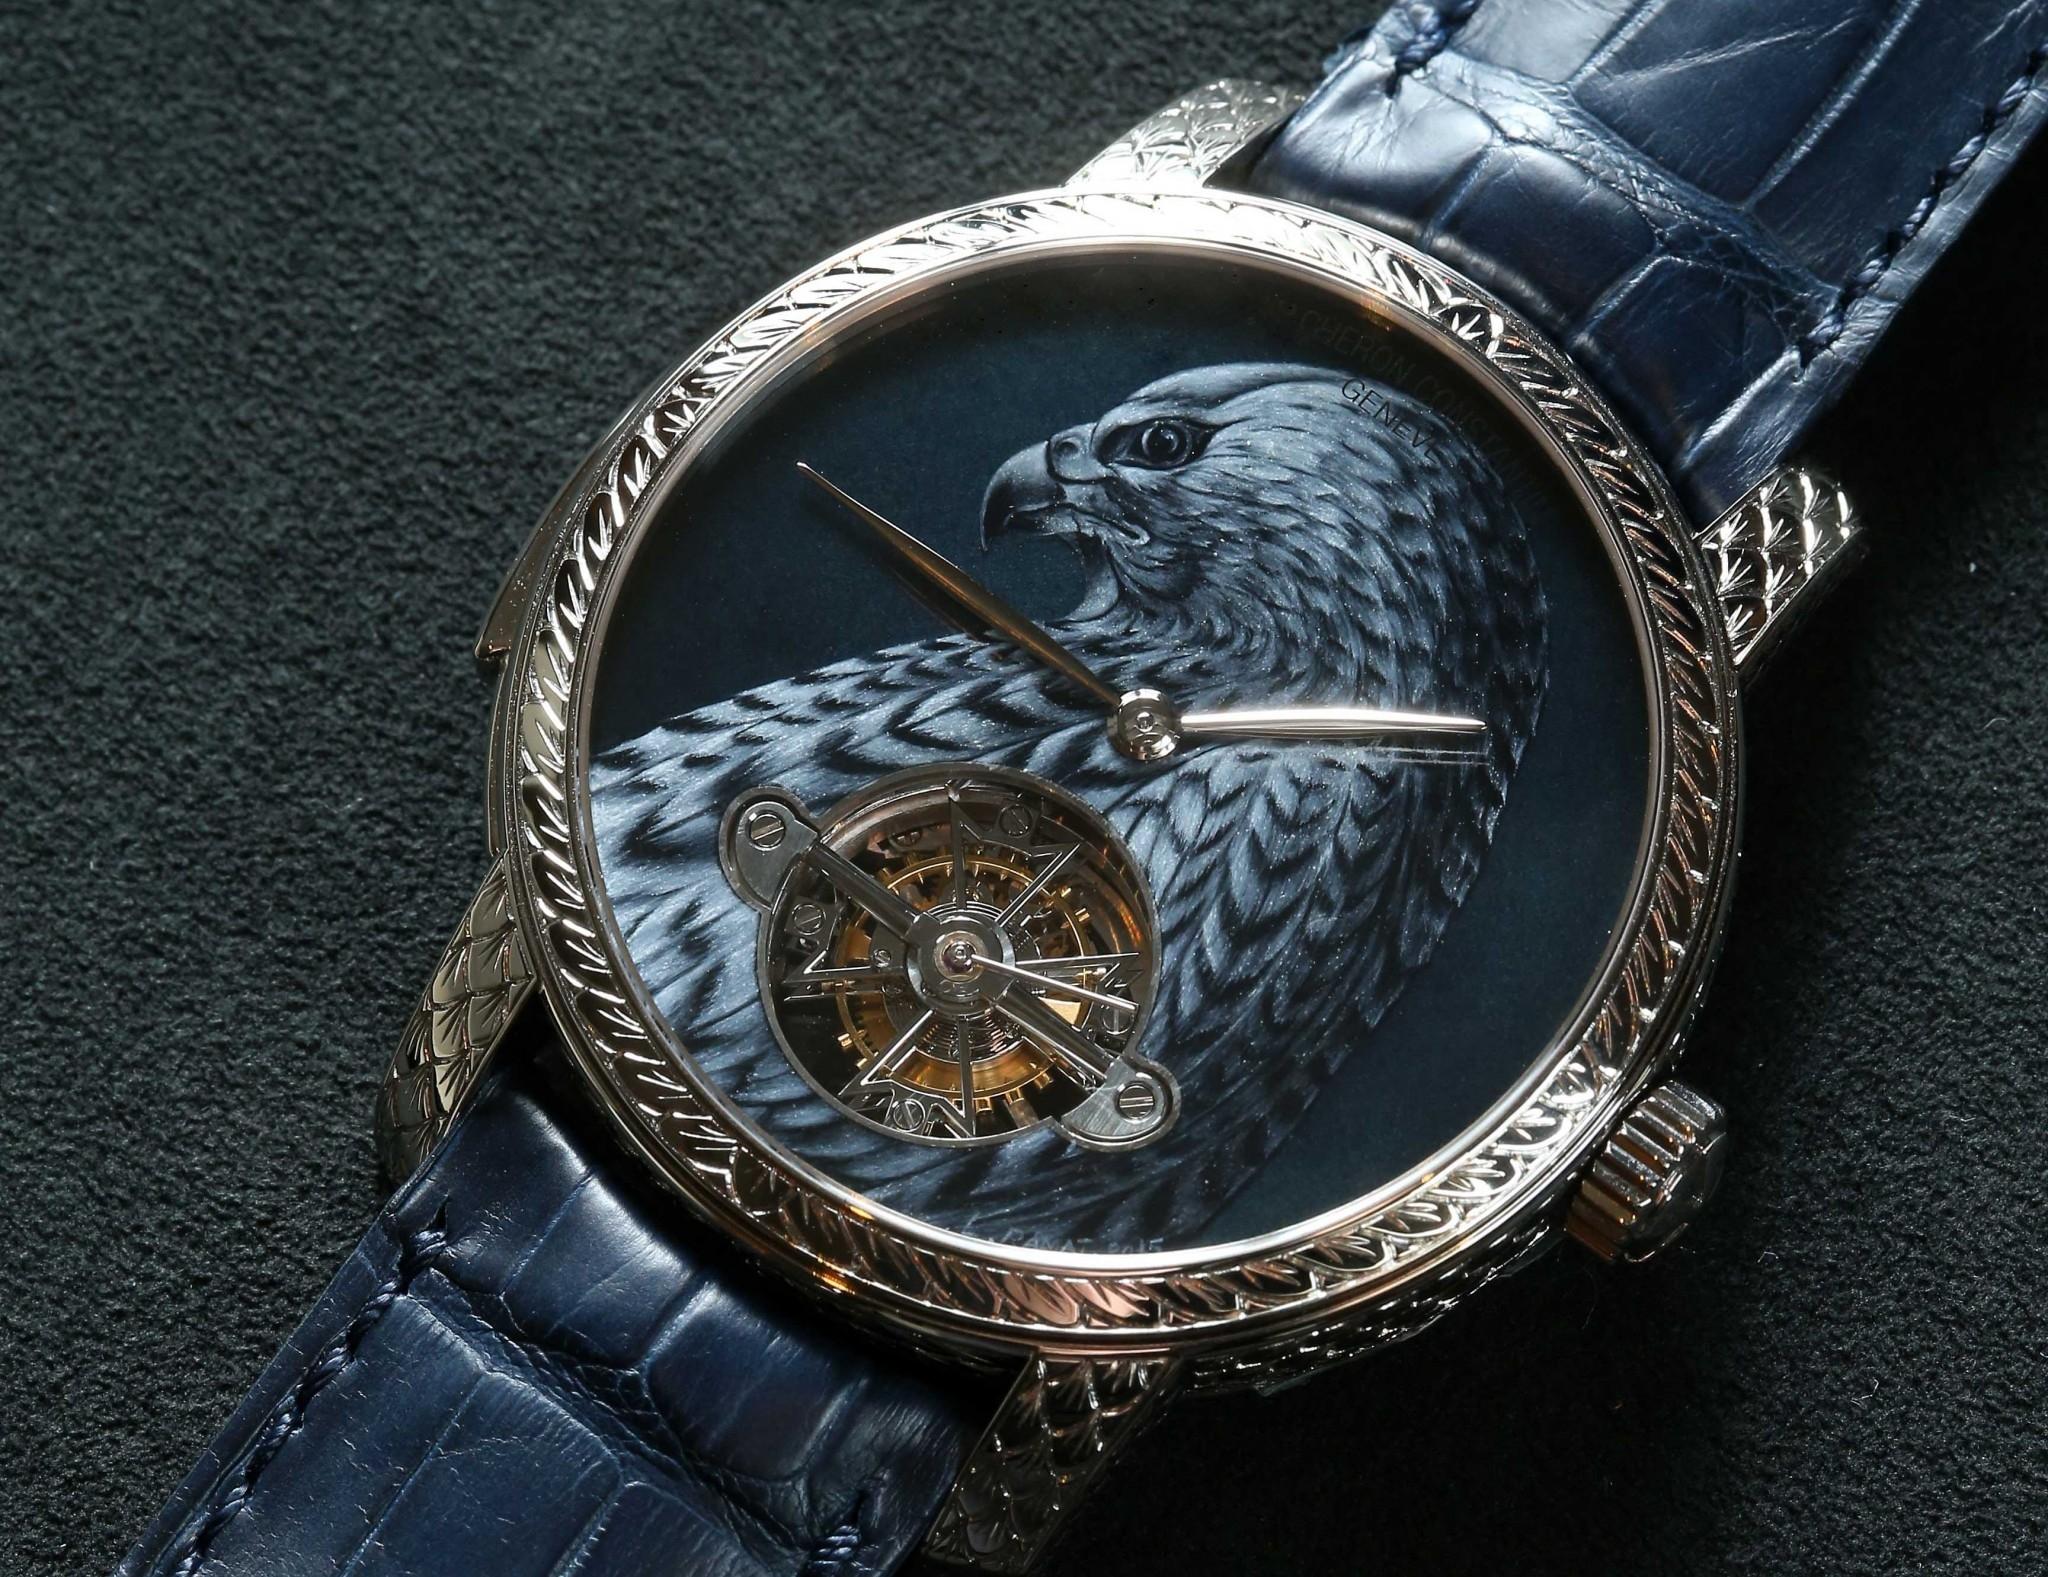 獵鷹的凝視:江詩丹頓Maître Cabinotier閣樓工匠大師系列「Falcon」